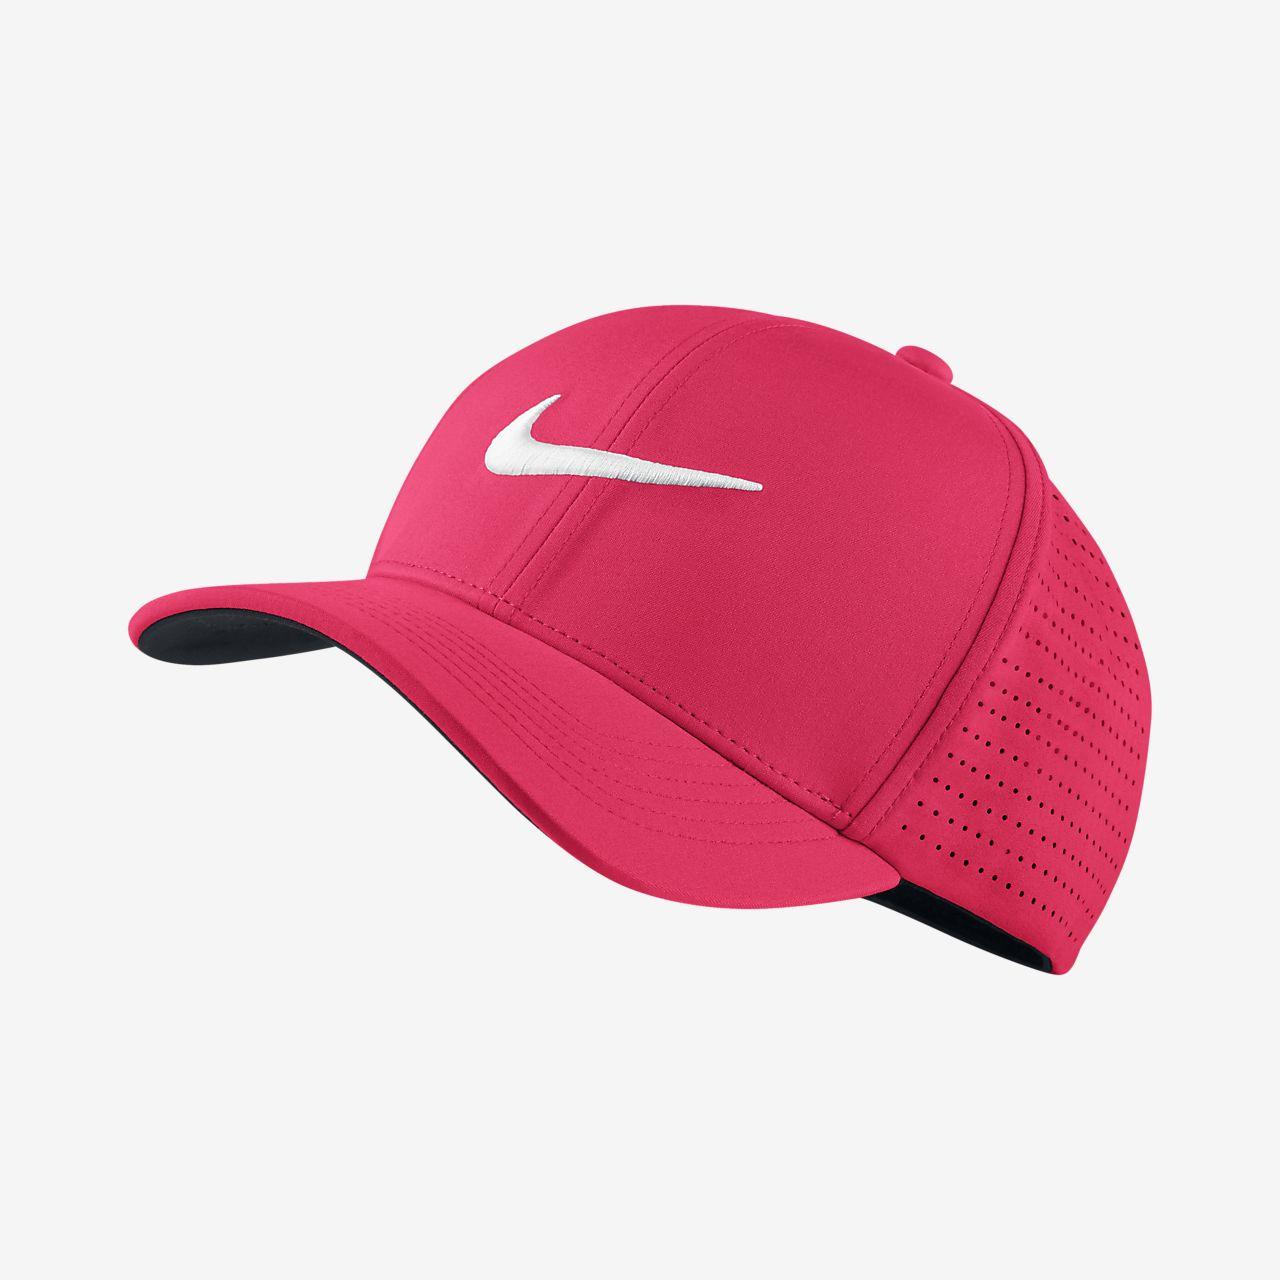 Gorro de golf ajustado Nike AeroBill Classic 99. Nike.com MX 4a3b1d91bd9